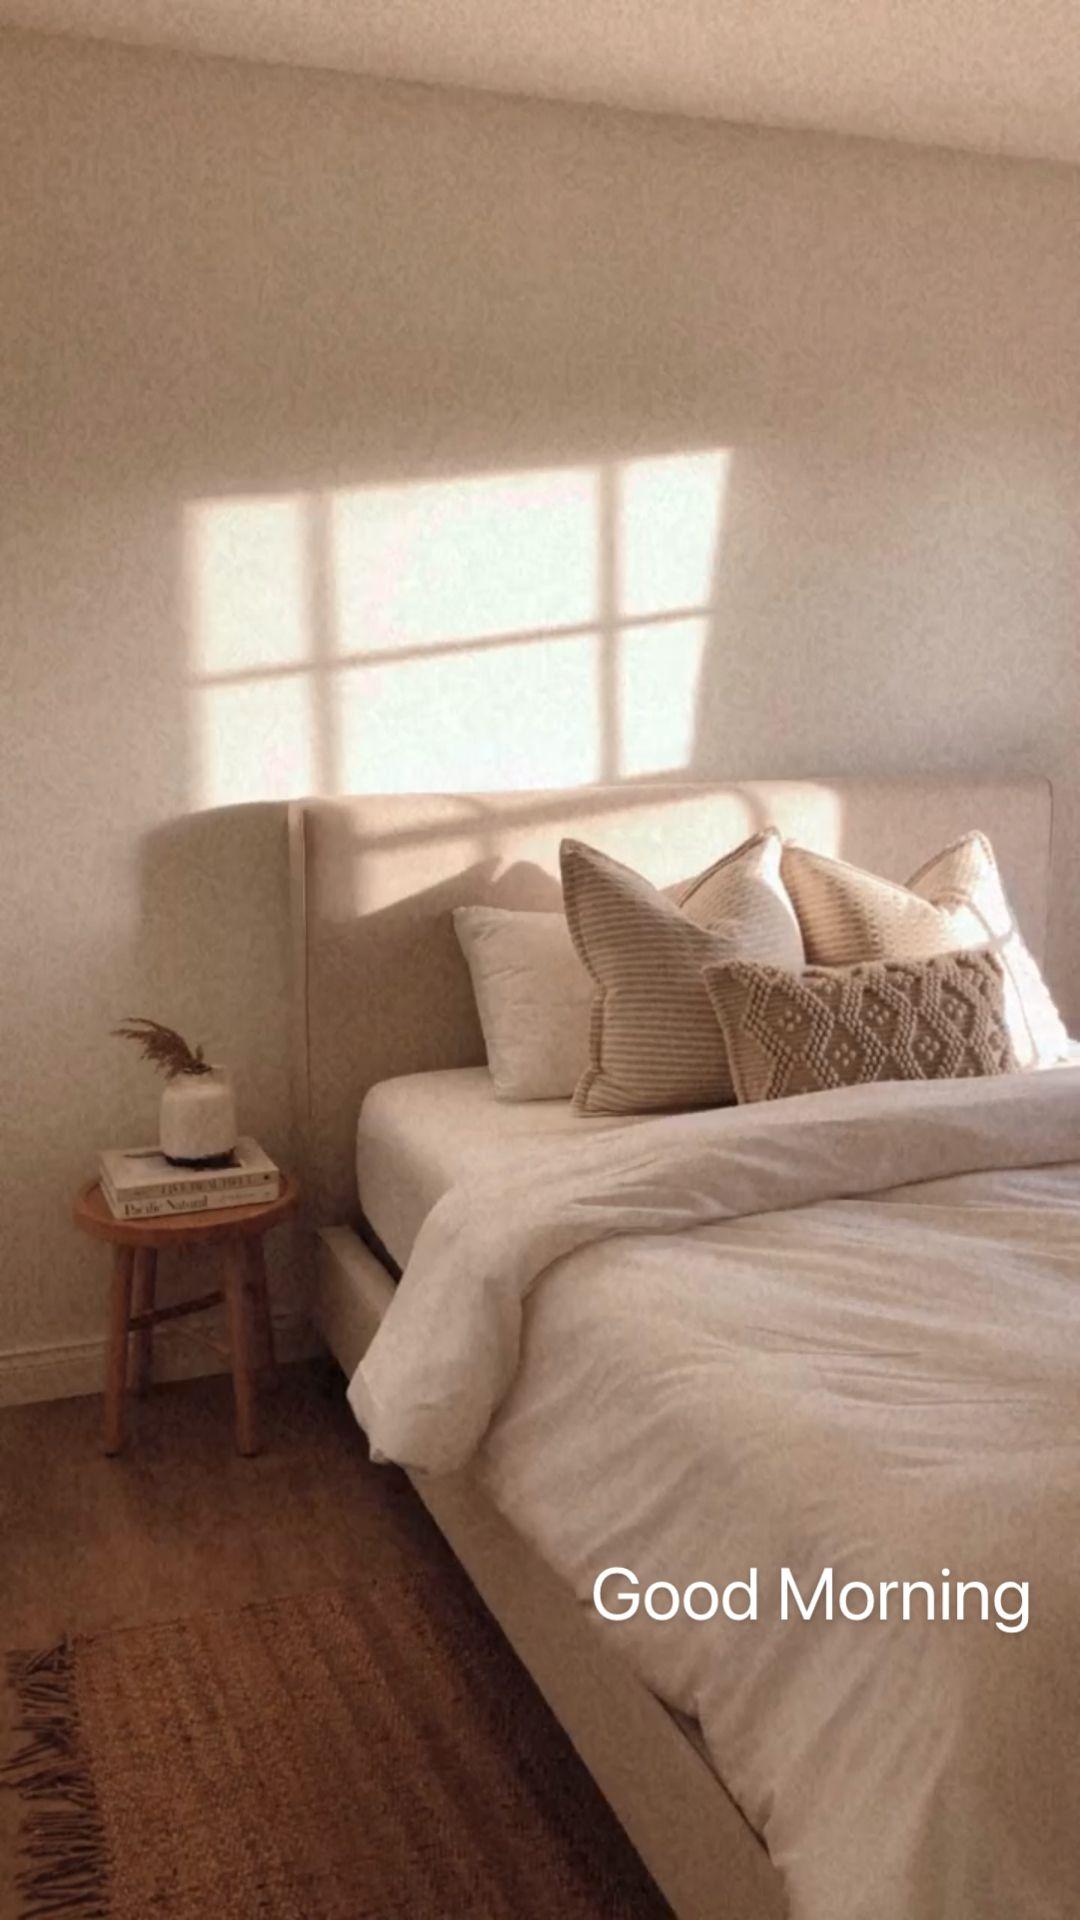 99+ Minimalist Bedroom Vibes Good Morning ☀️